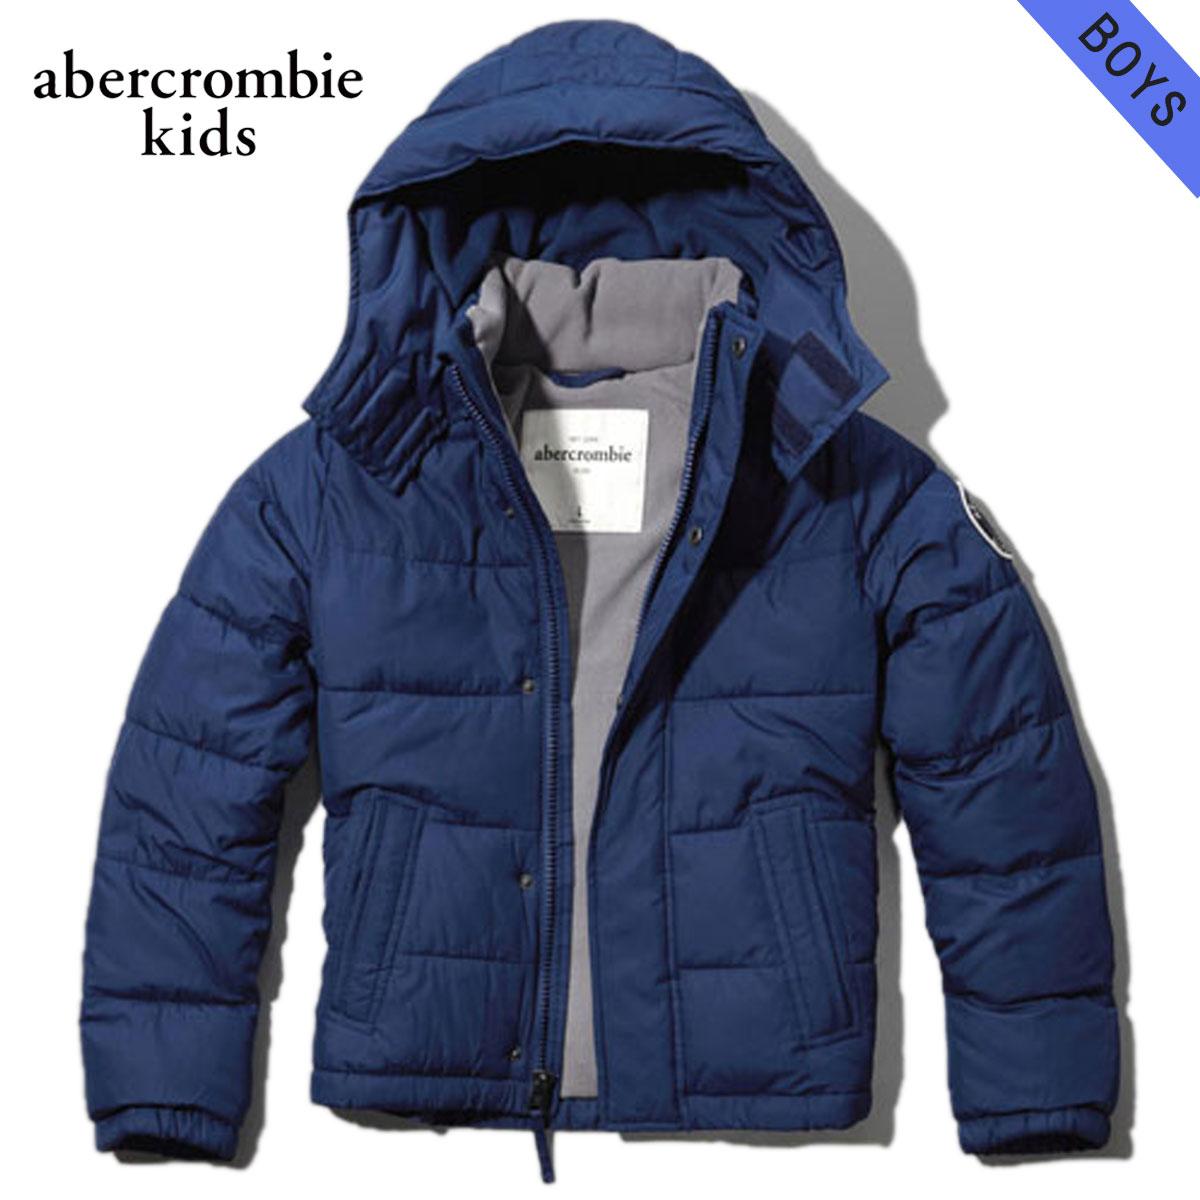 【販売期間 1/8 14:00~1/17 09:59】 アバクロキッズ AbercrombieKids 正規品 子供服 ボーイズ アウタージャケット classic puffer jacket 232-716-0111-026 D20S30